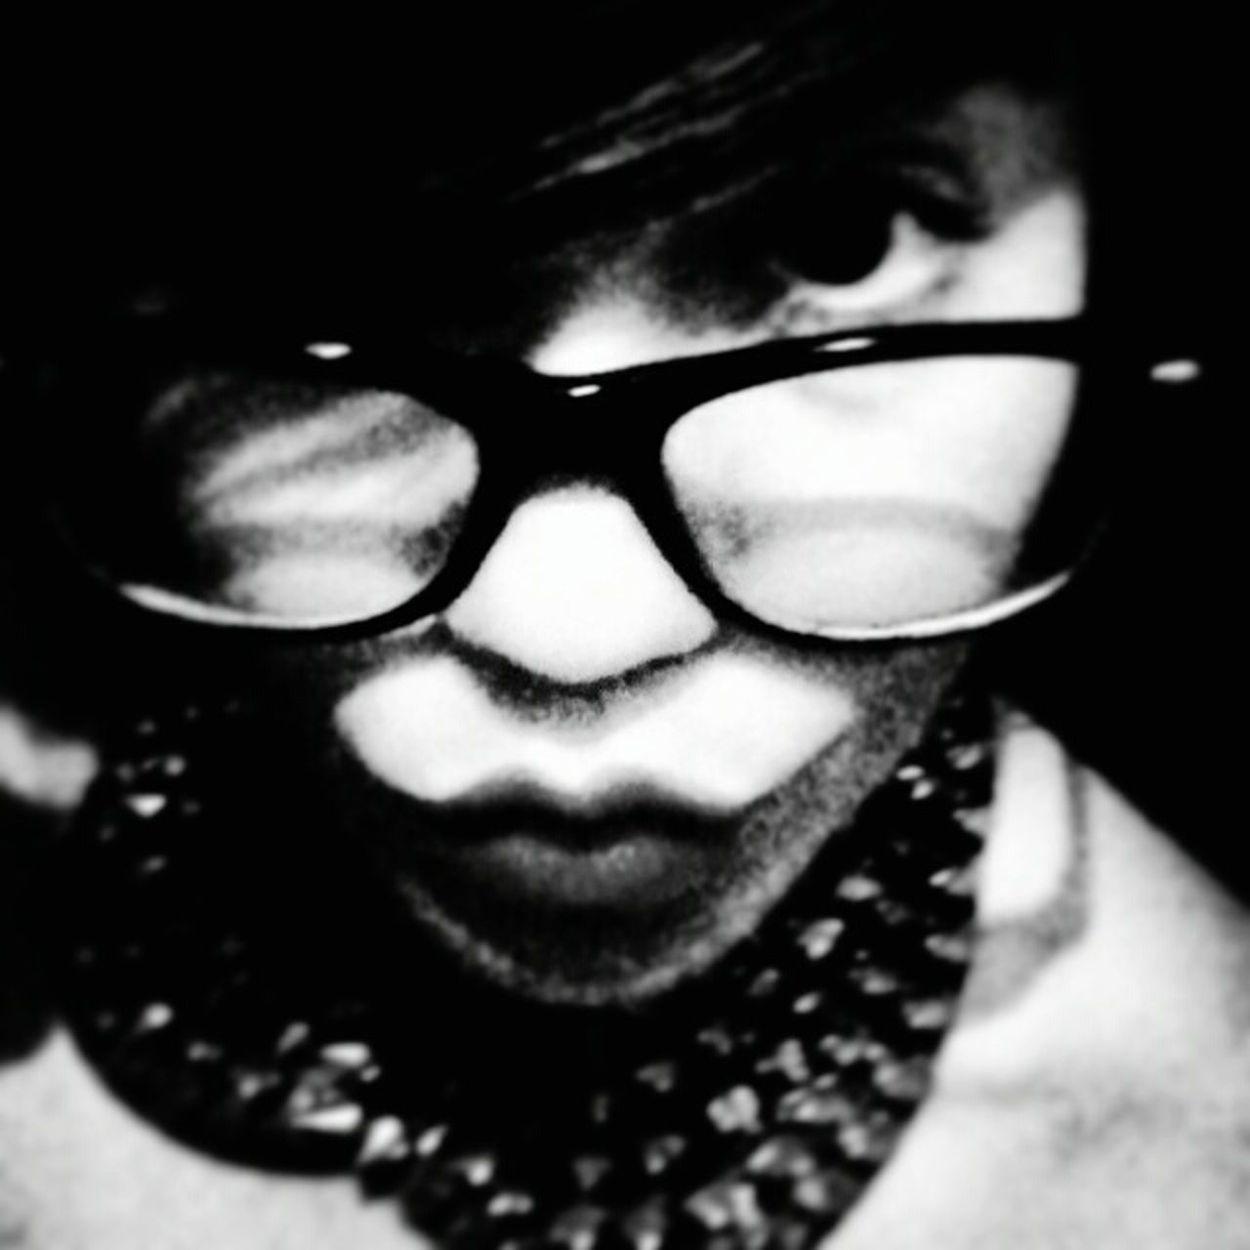 Amo las fotos en blanco y negro